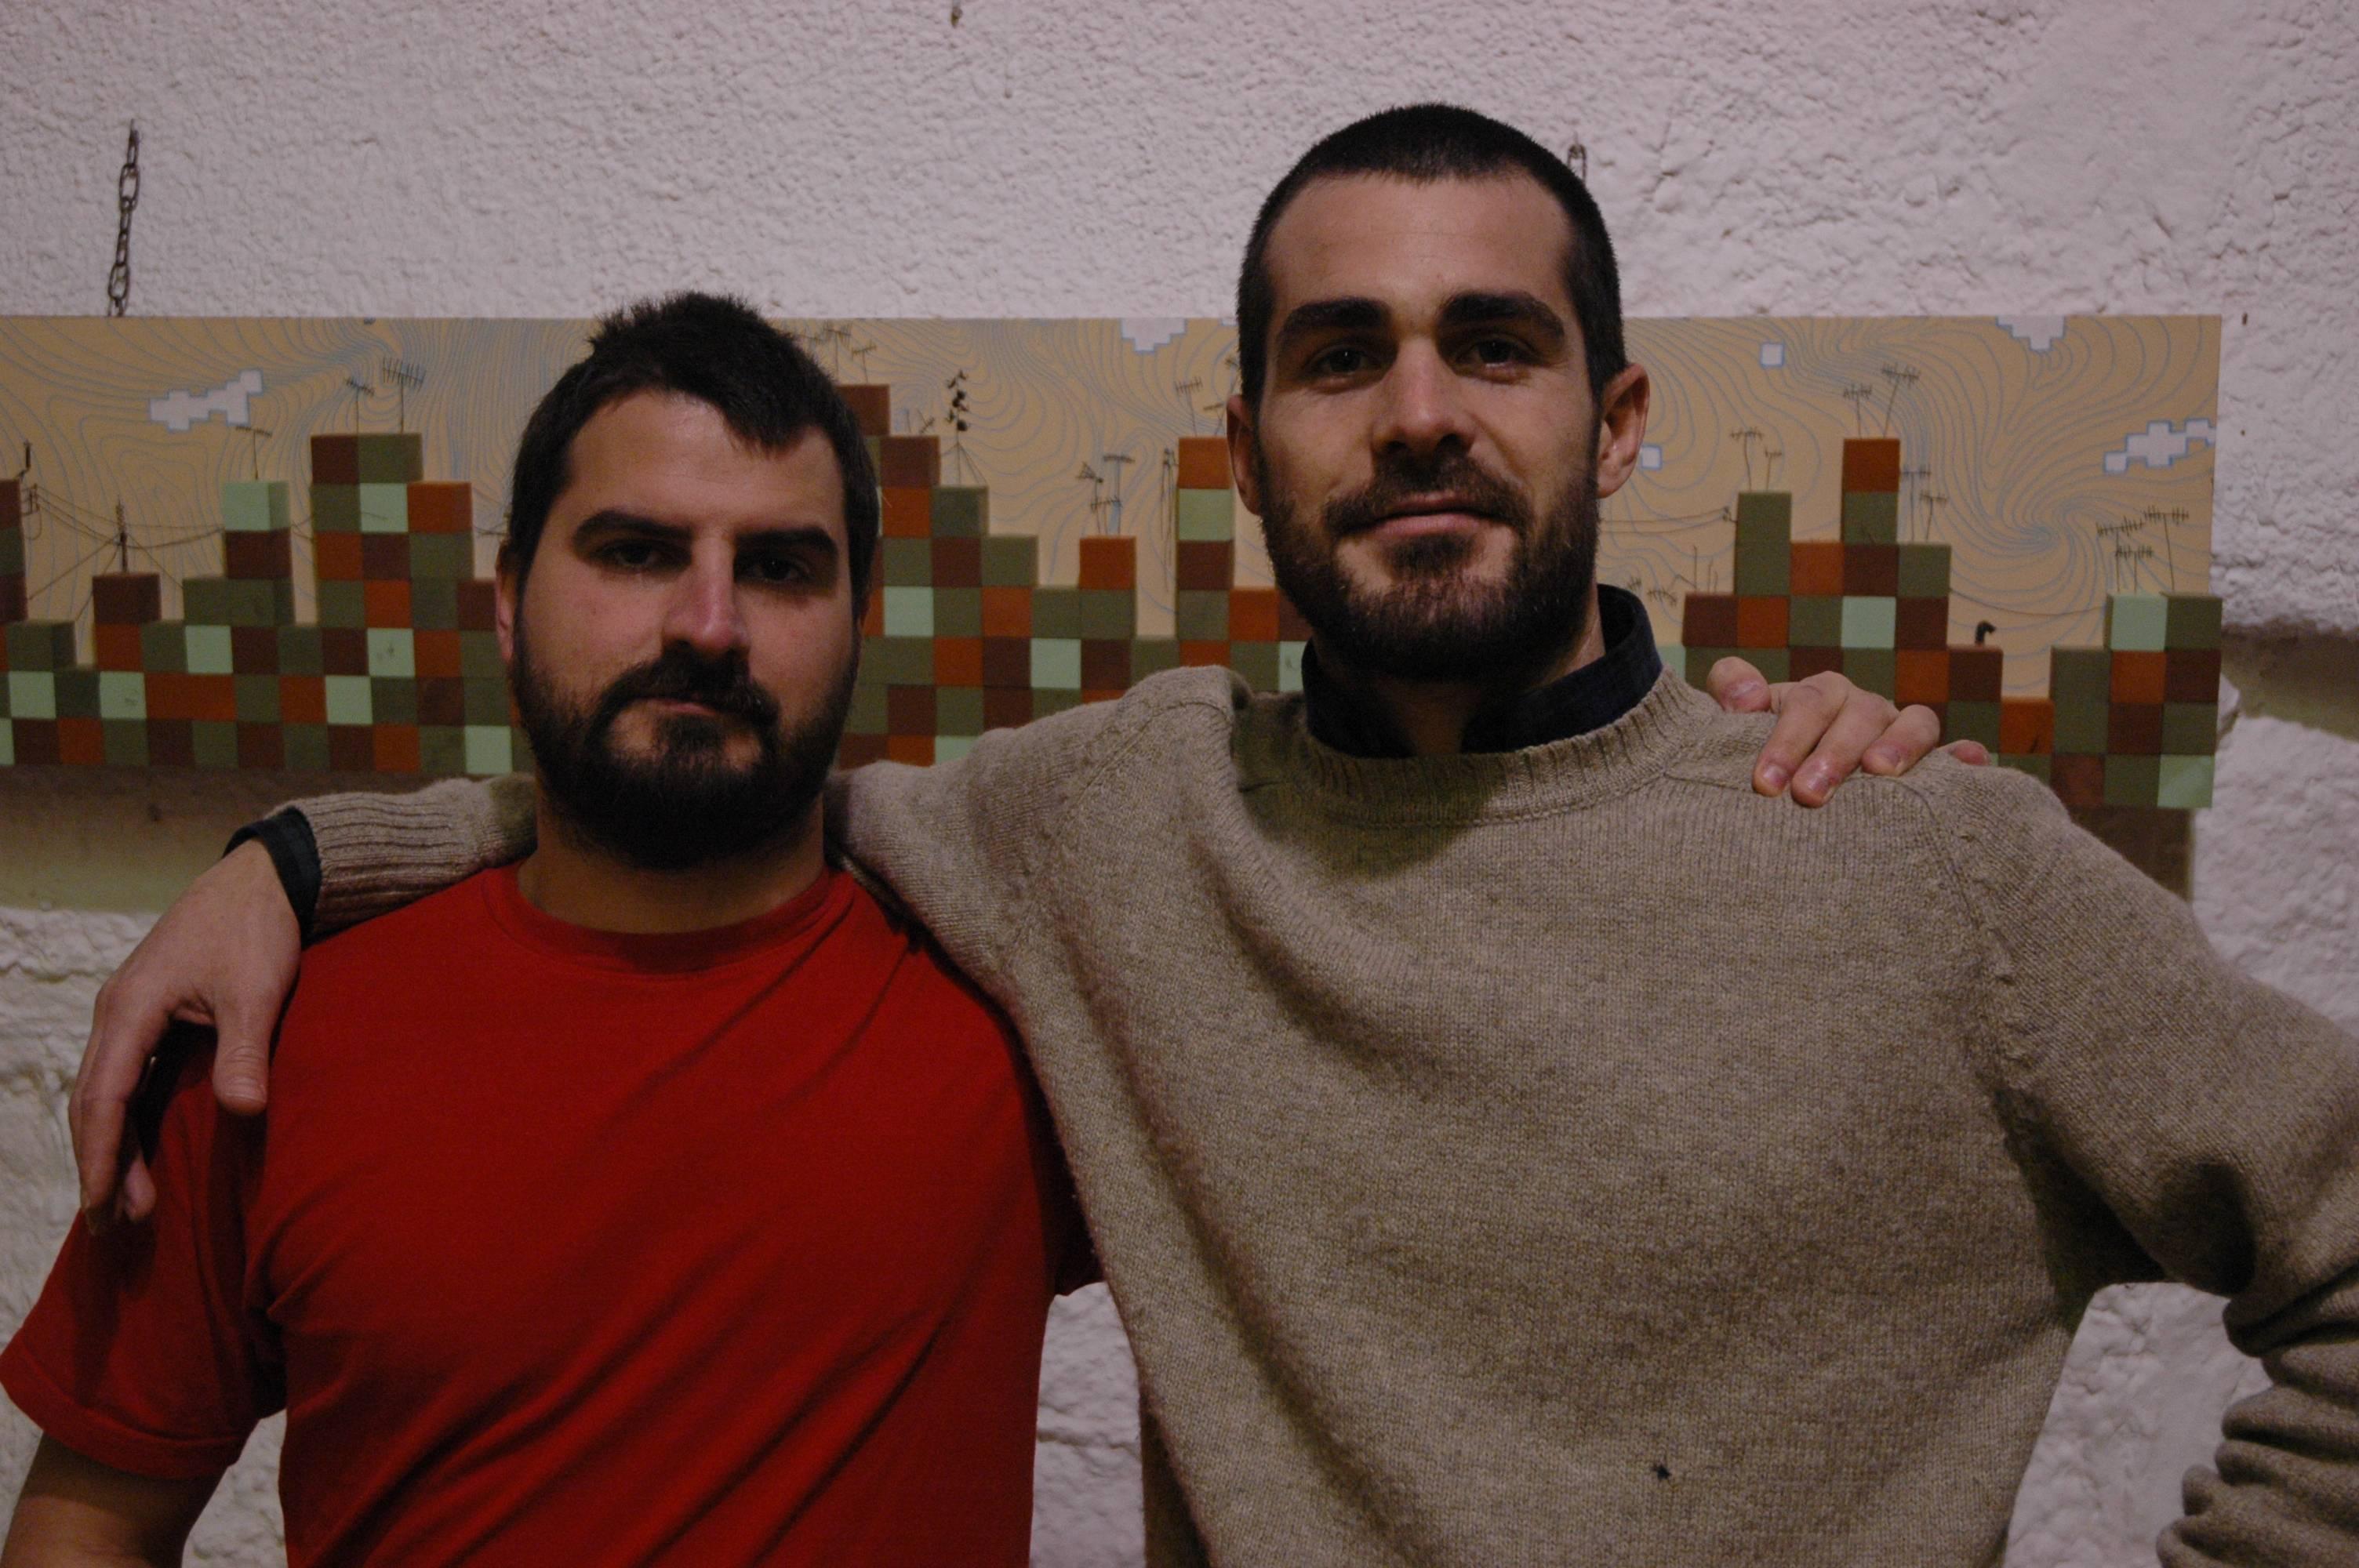 En Dídac Francisco (esquerre) i Pau López davant d'una de les seves obres